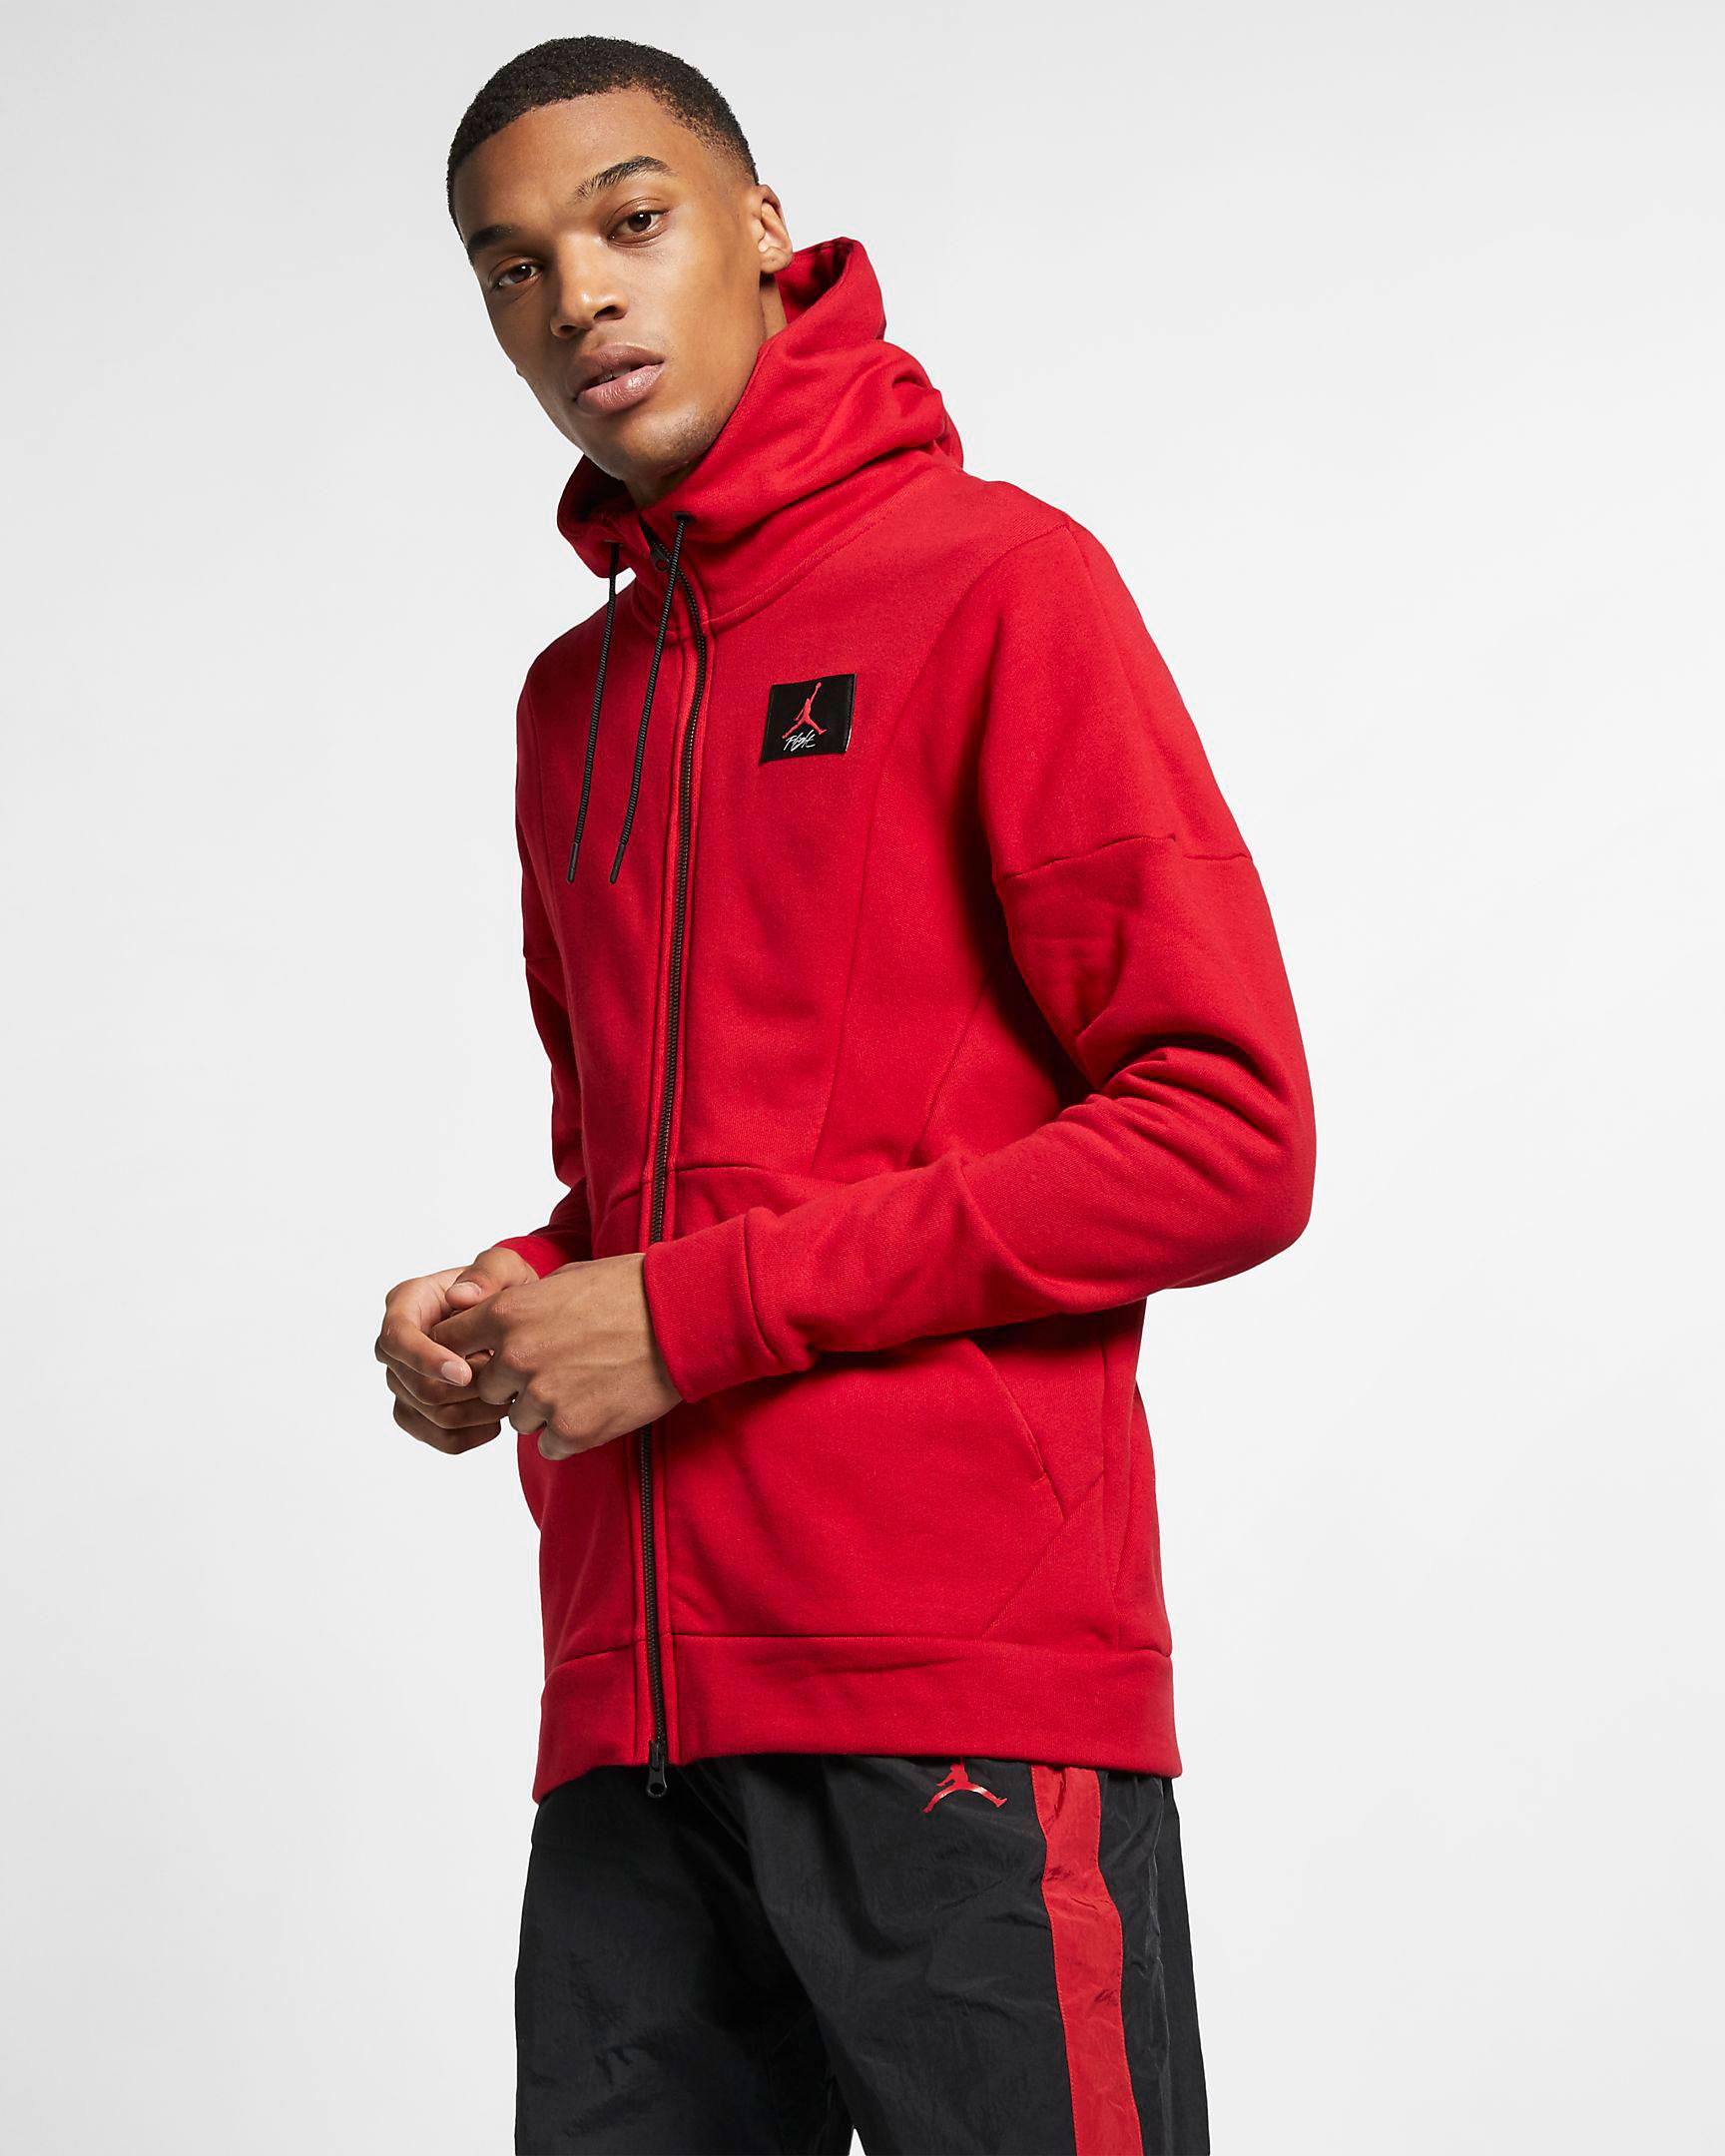 air-jordan-4-bred-2019-hoodie-2